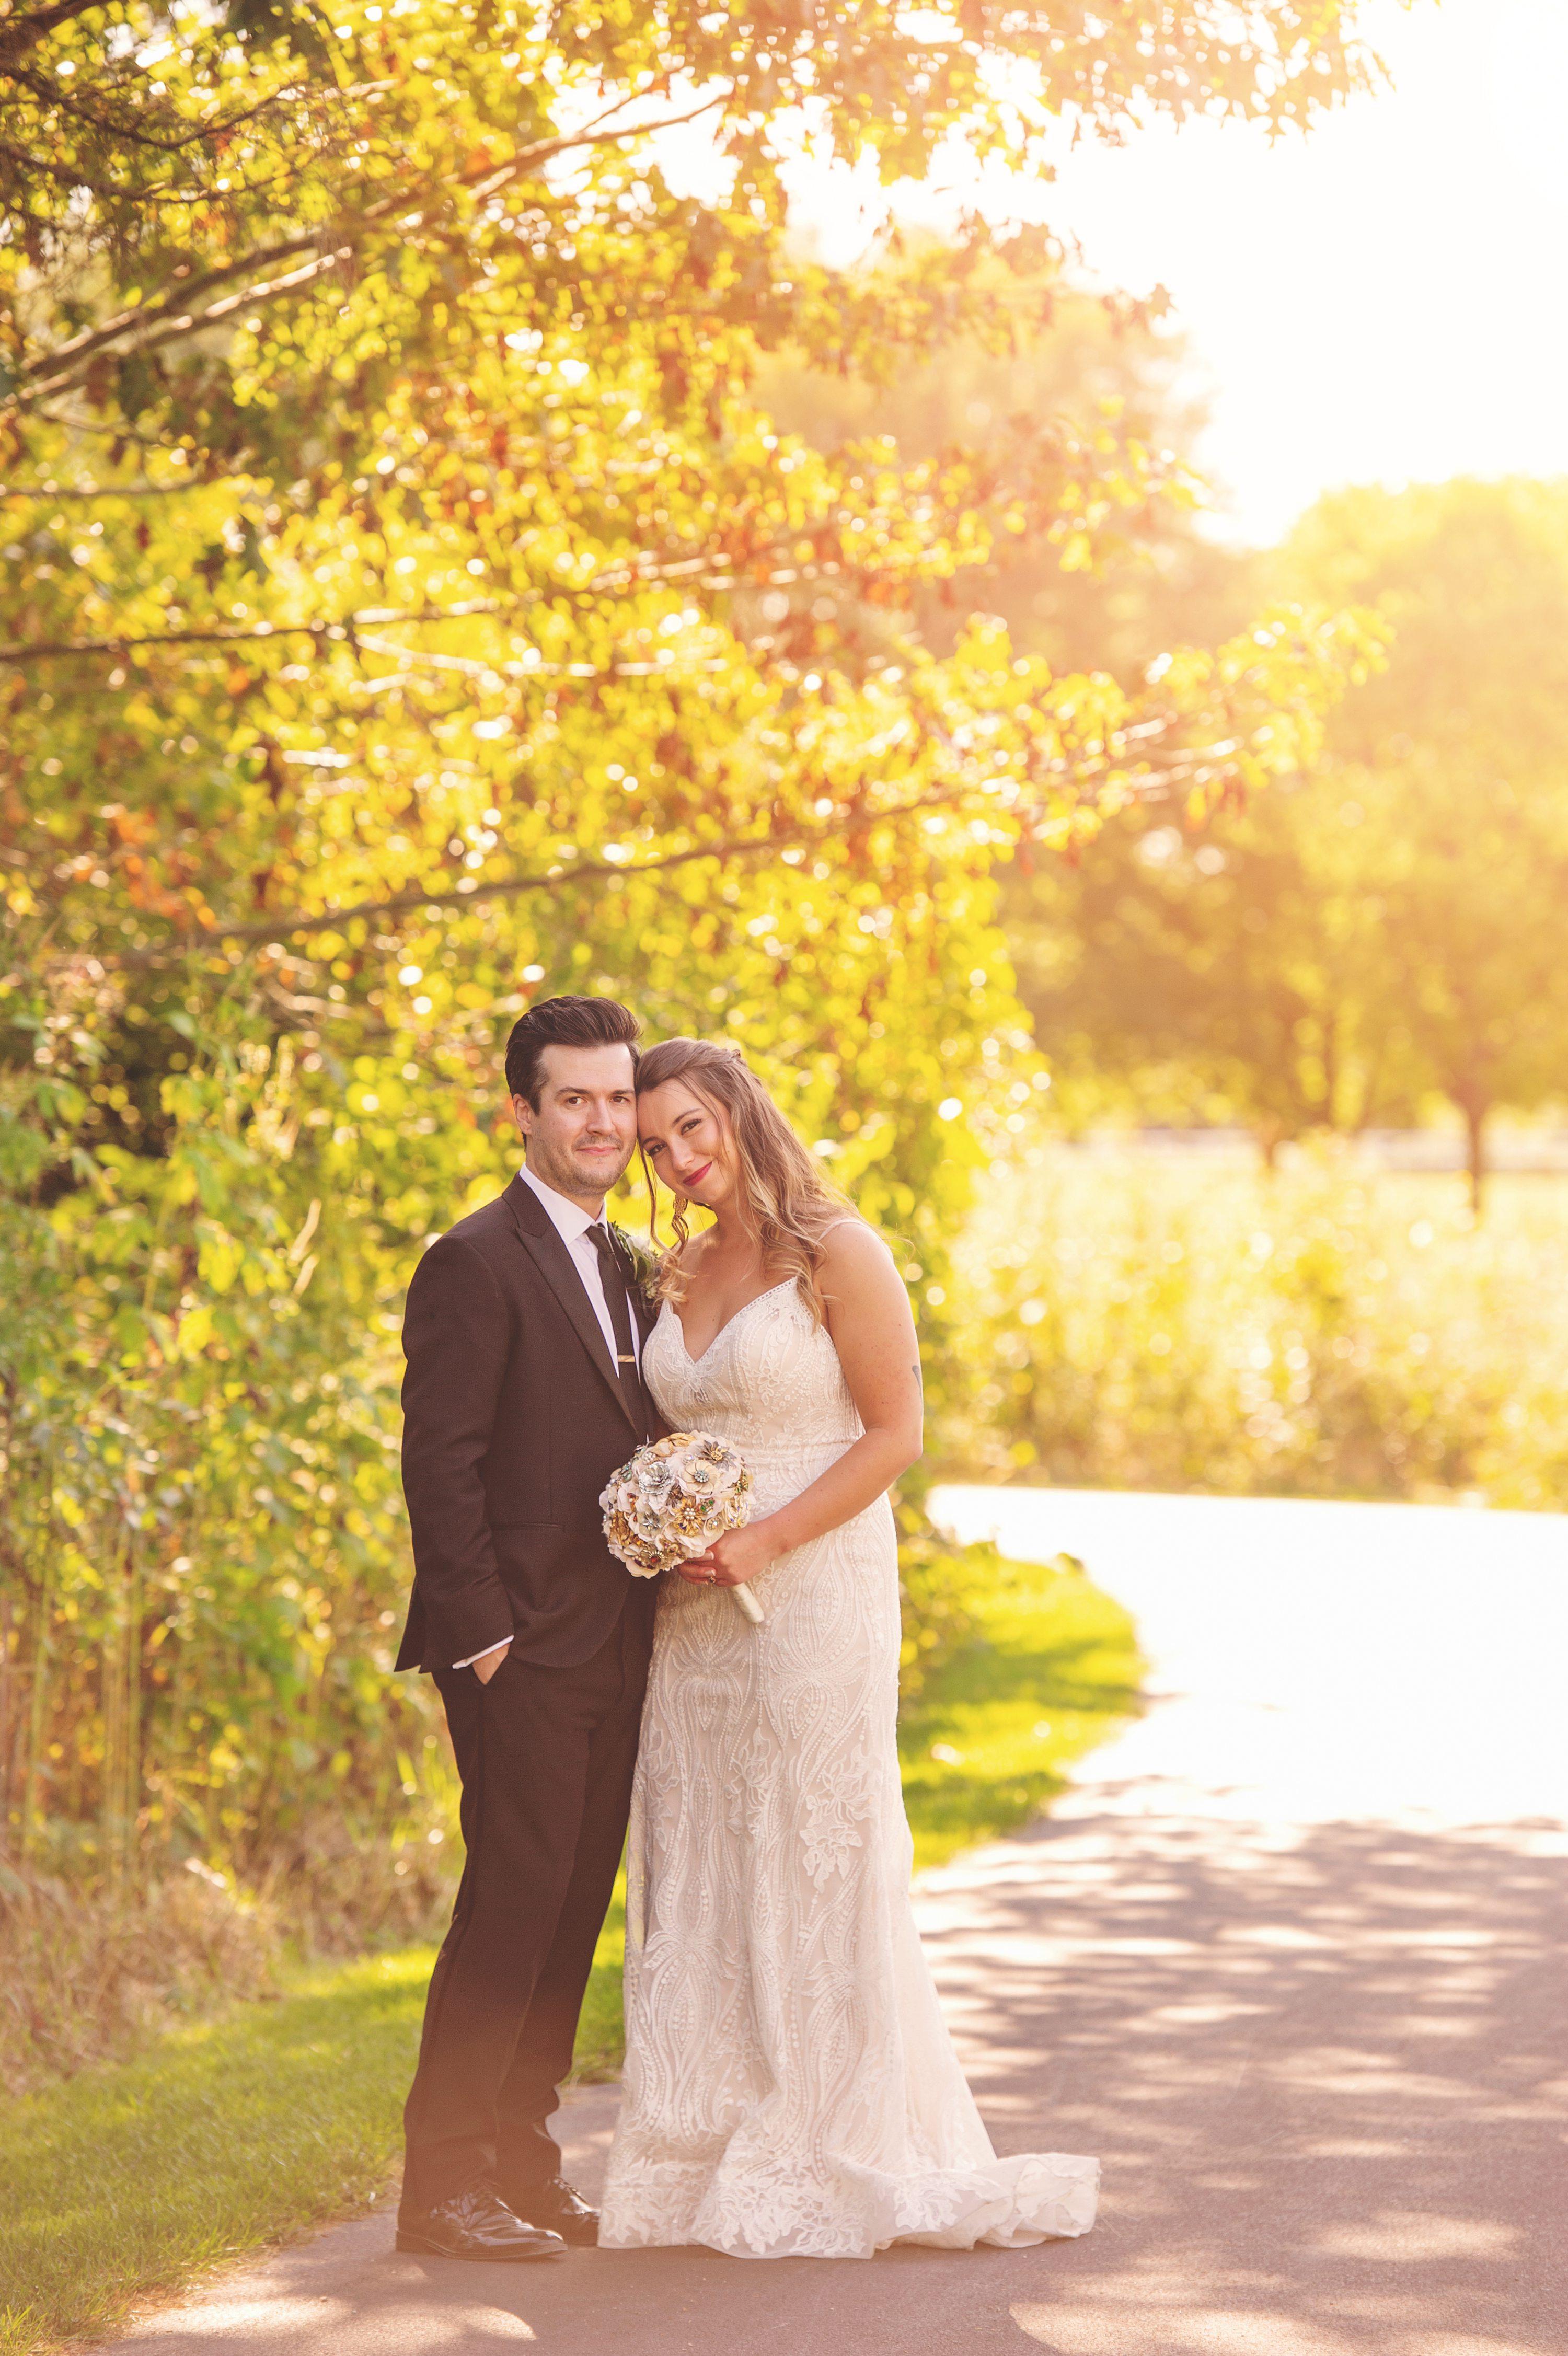 Danada House wedding, Danada Farm Wedding